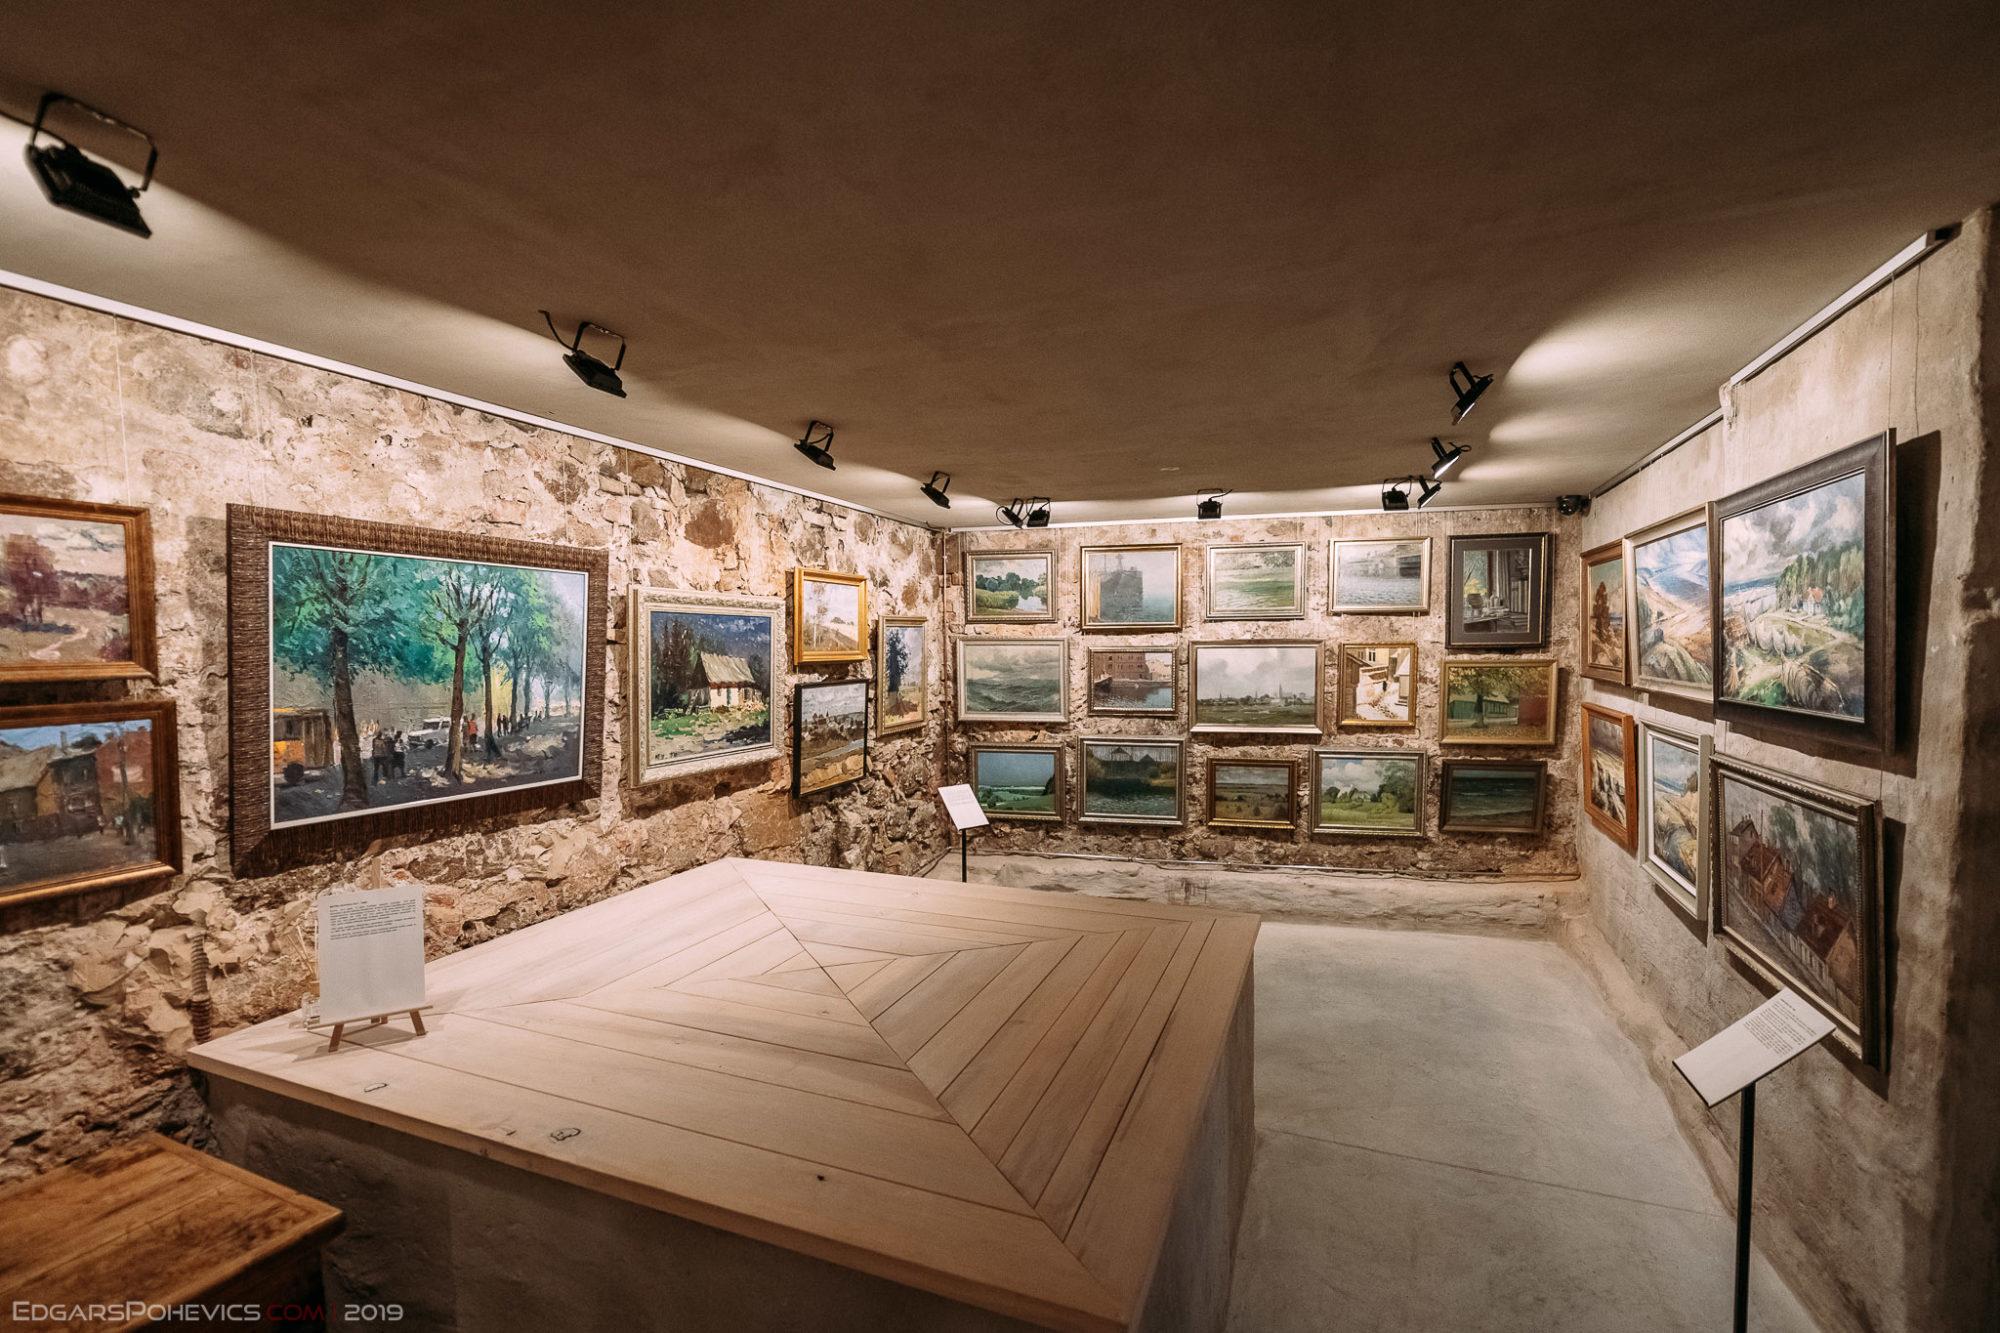 """Galerijas """"Romas dārzs"""" plašās izstāžu zāles  iemūžinātas virtuālā pastaigā"""